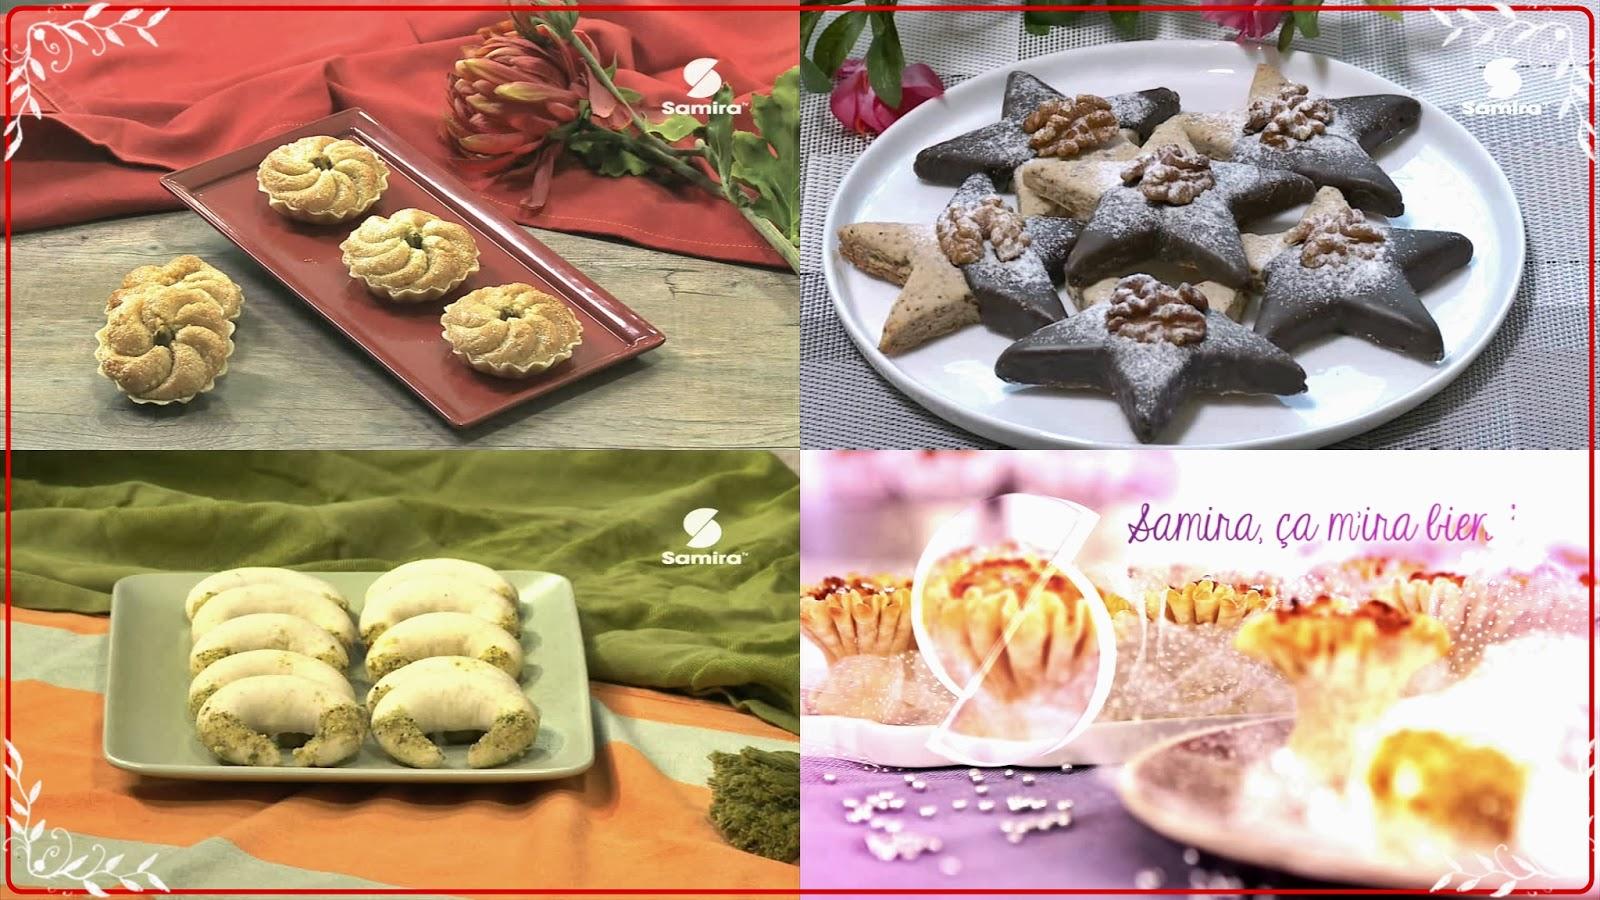 Patisserie au chocolat samira tv - Cuisine samira tv 2014 ...